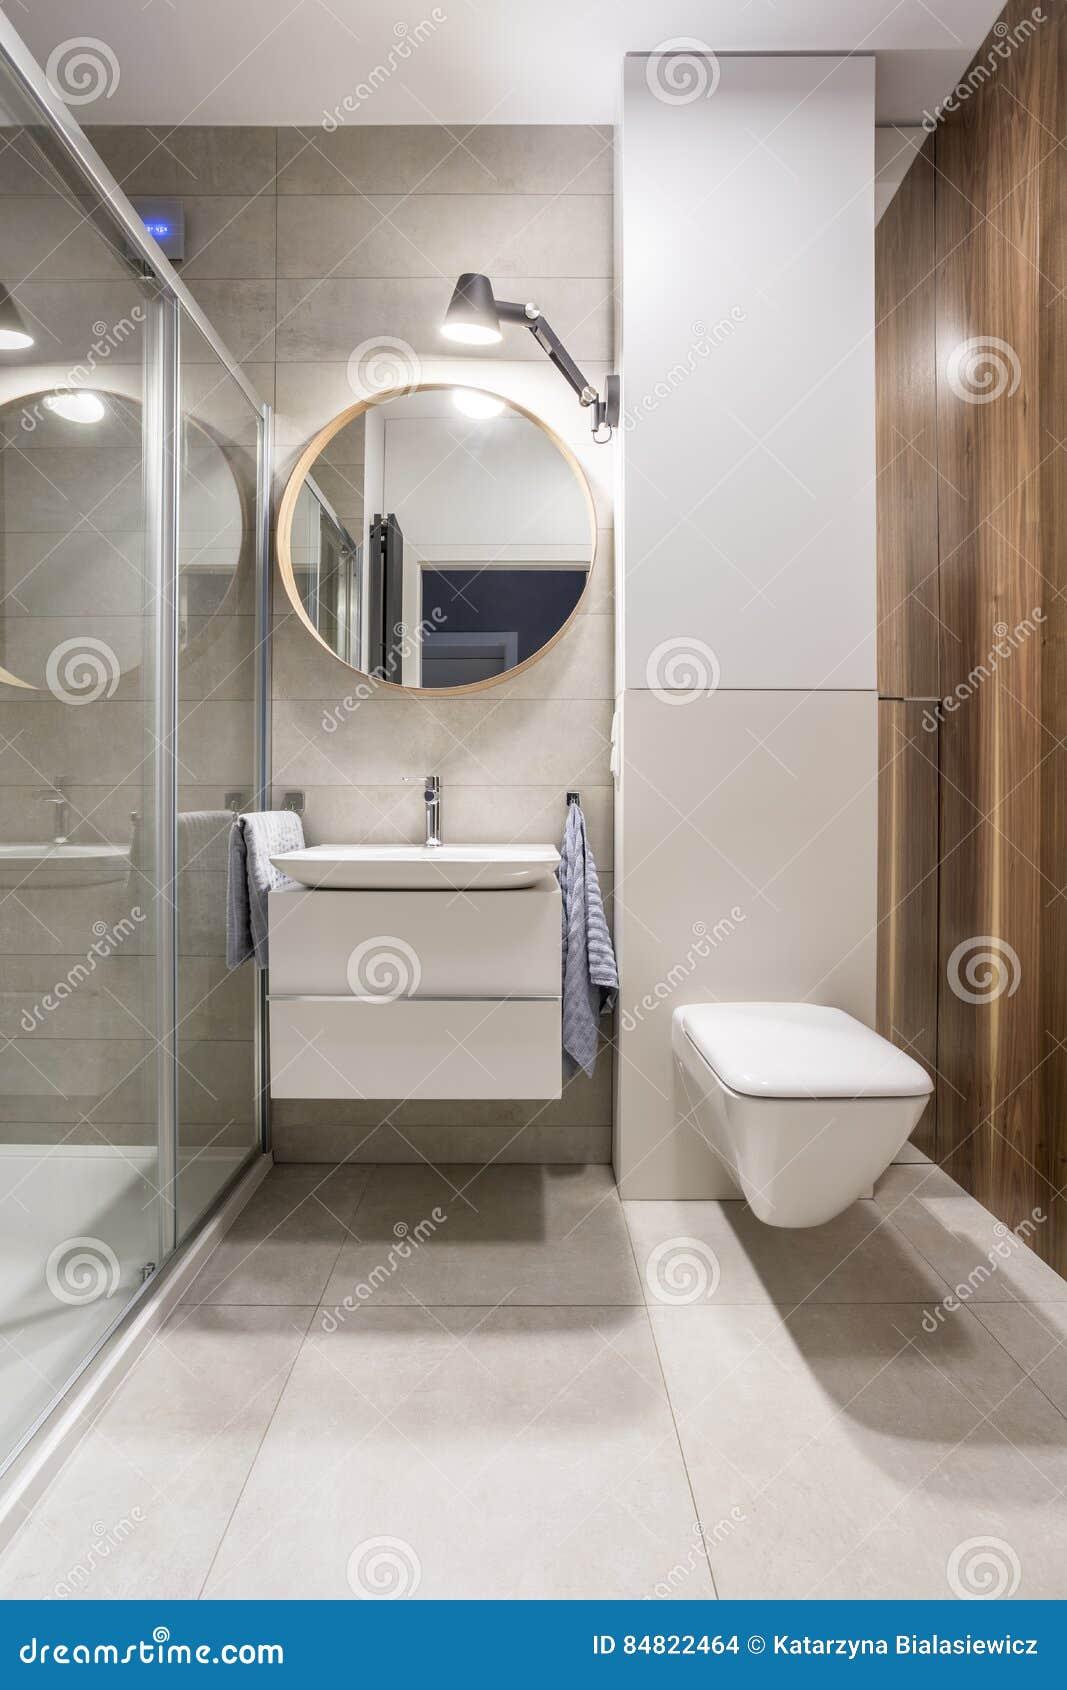 Graues Badezimmer Mit Toilette Stockfoto - Bild von grau ...